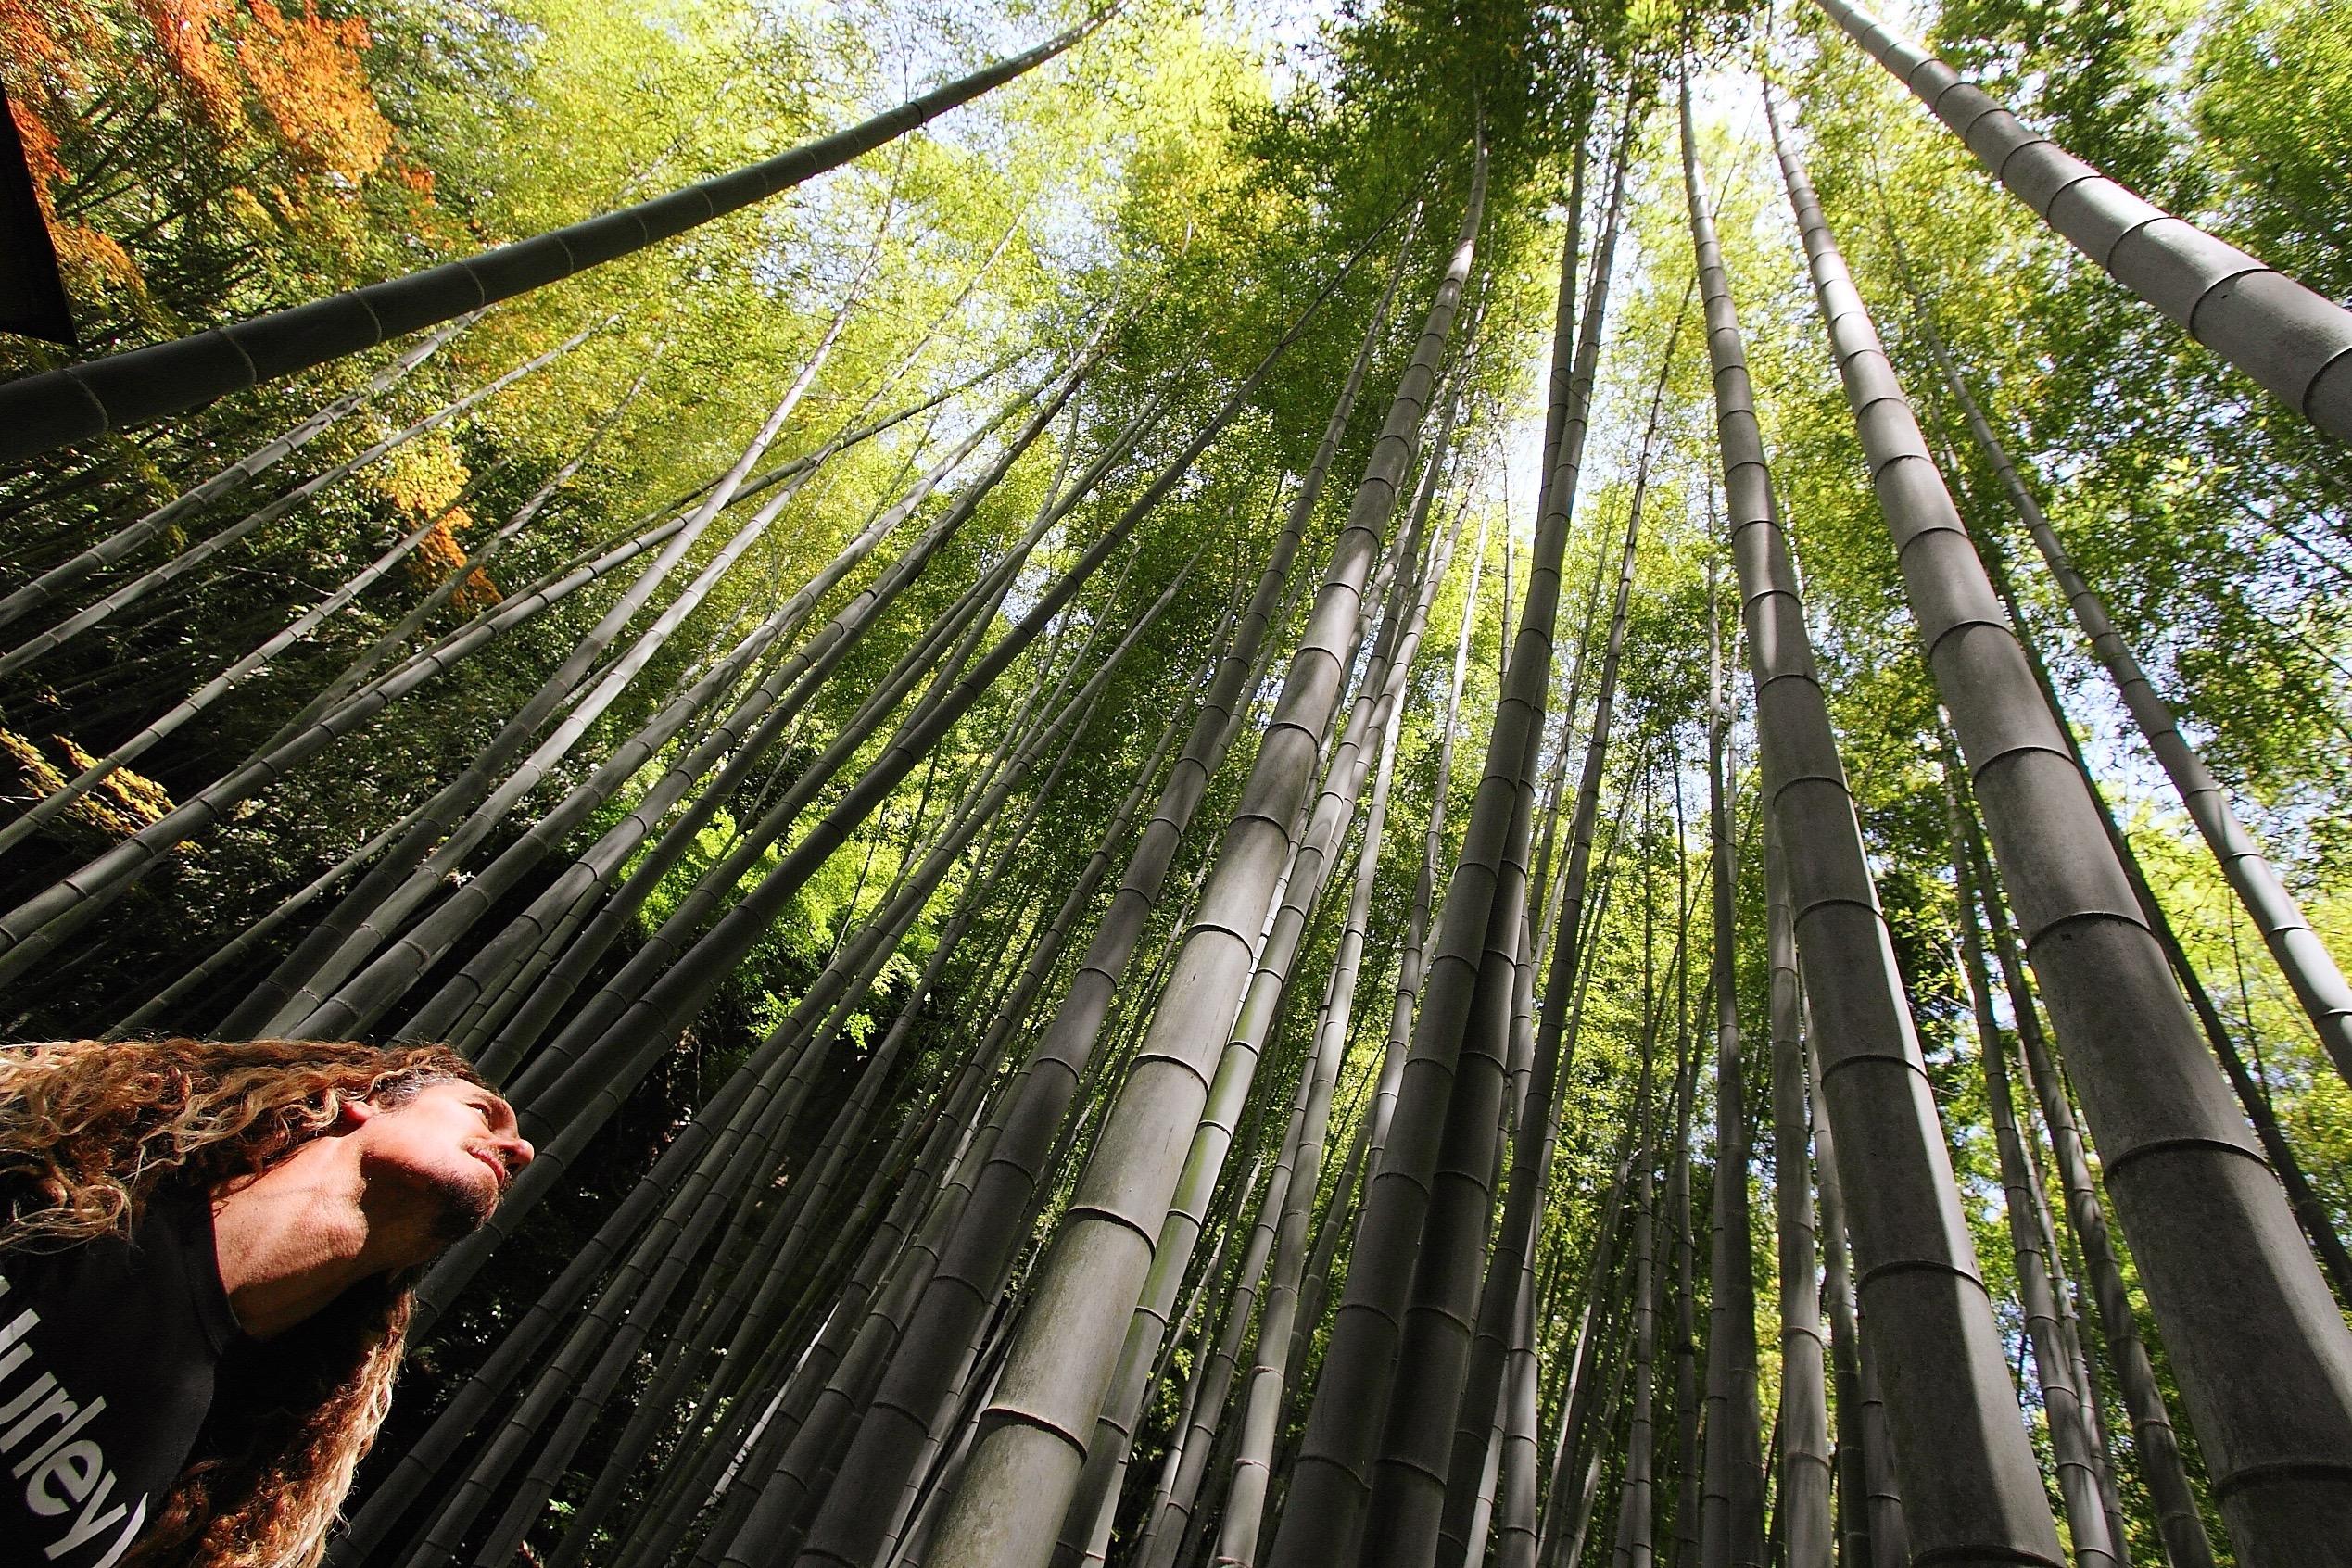 福島と湘南をつなぐチャリティー写真展